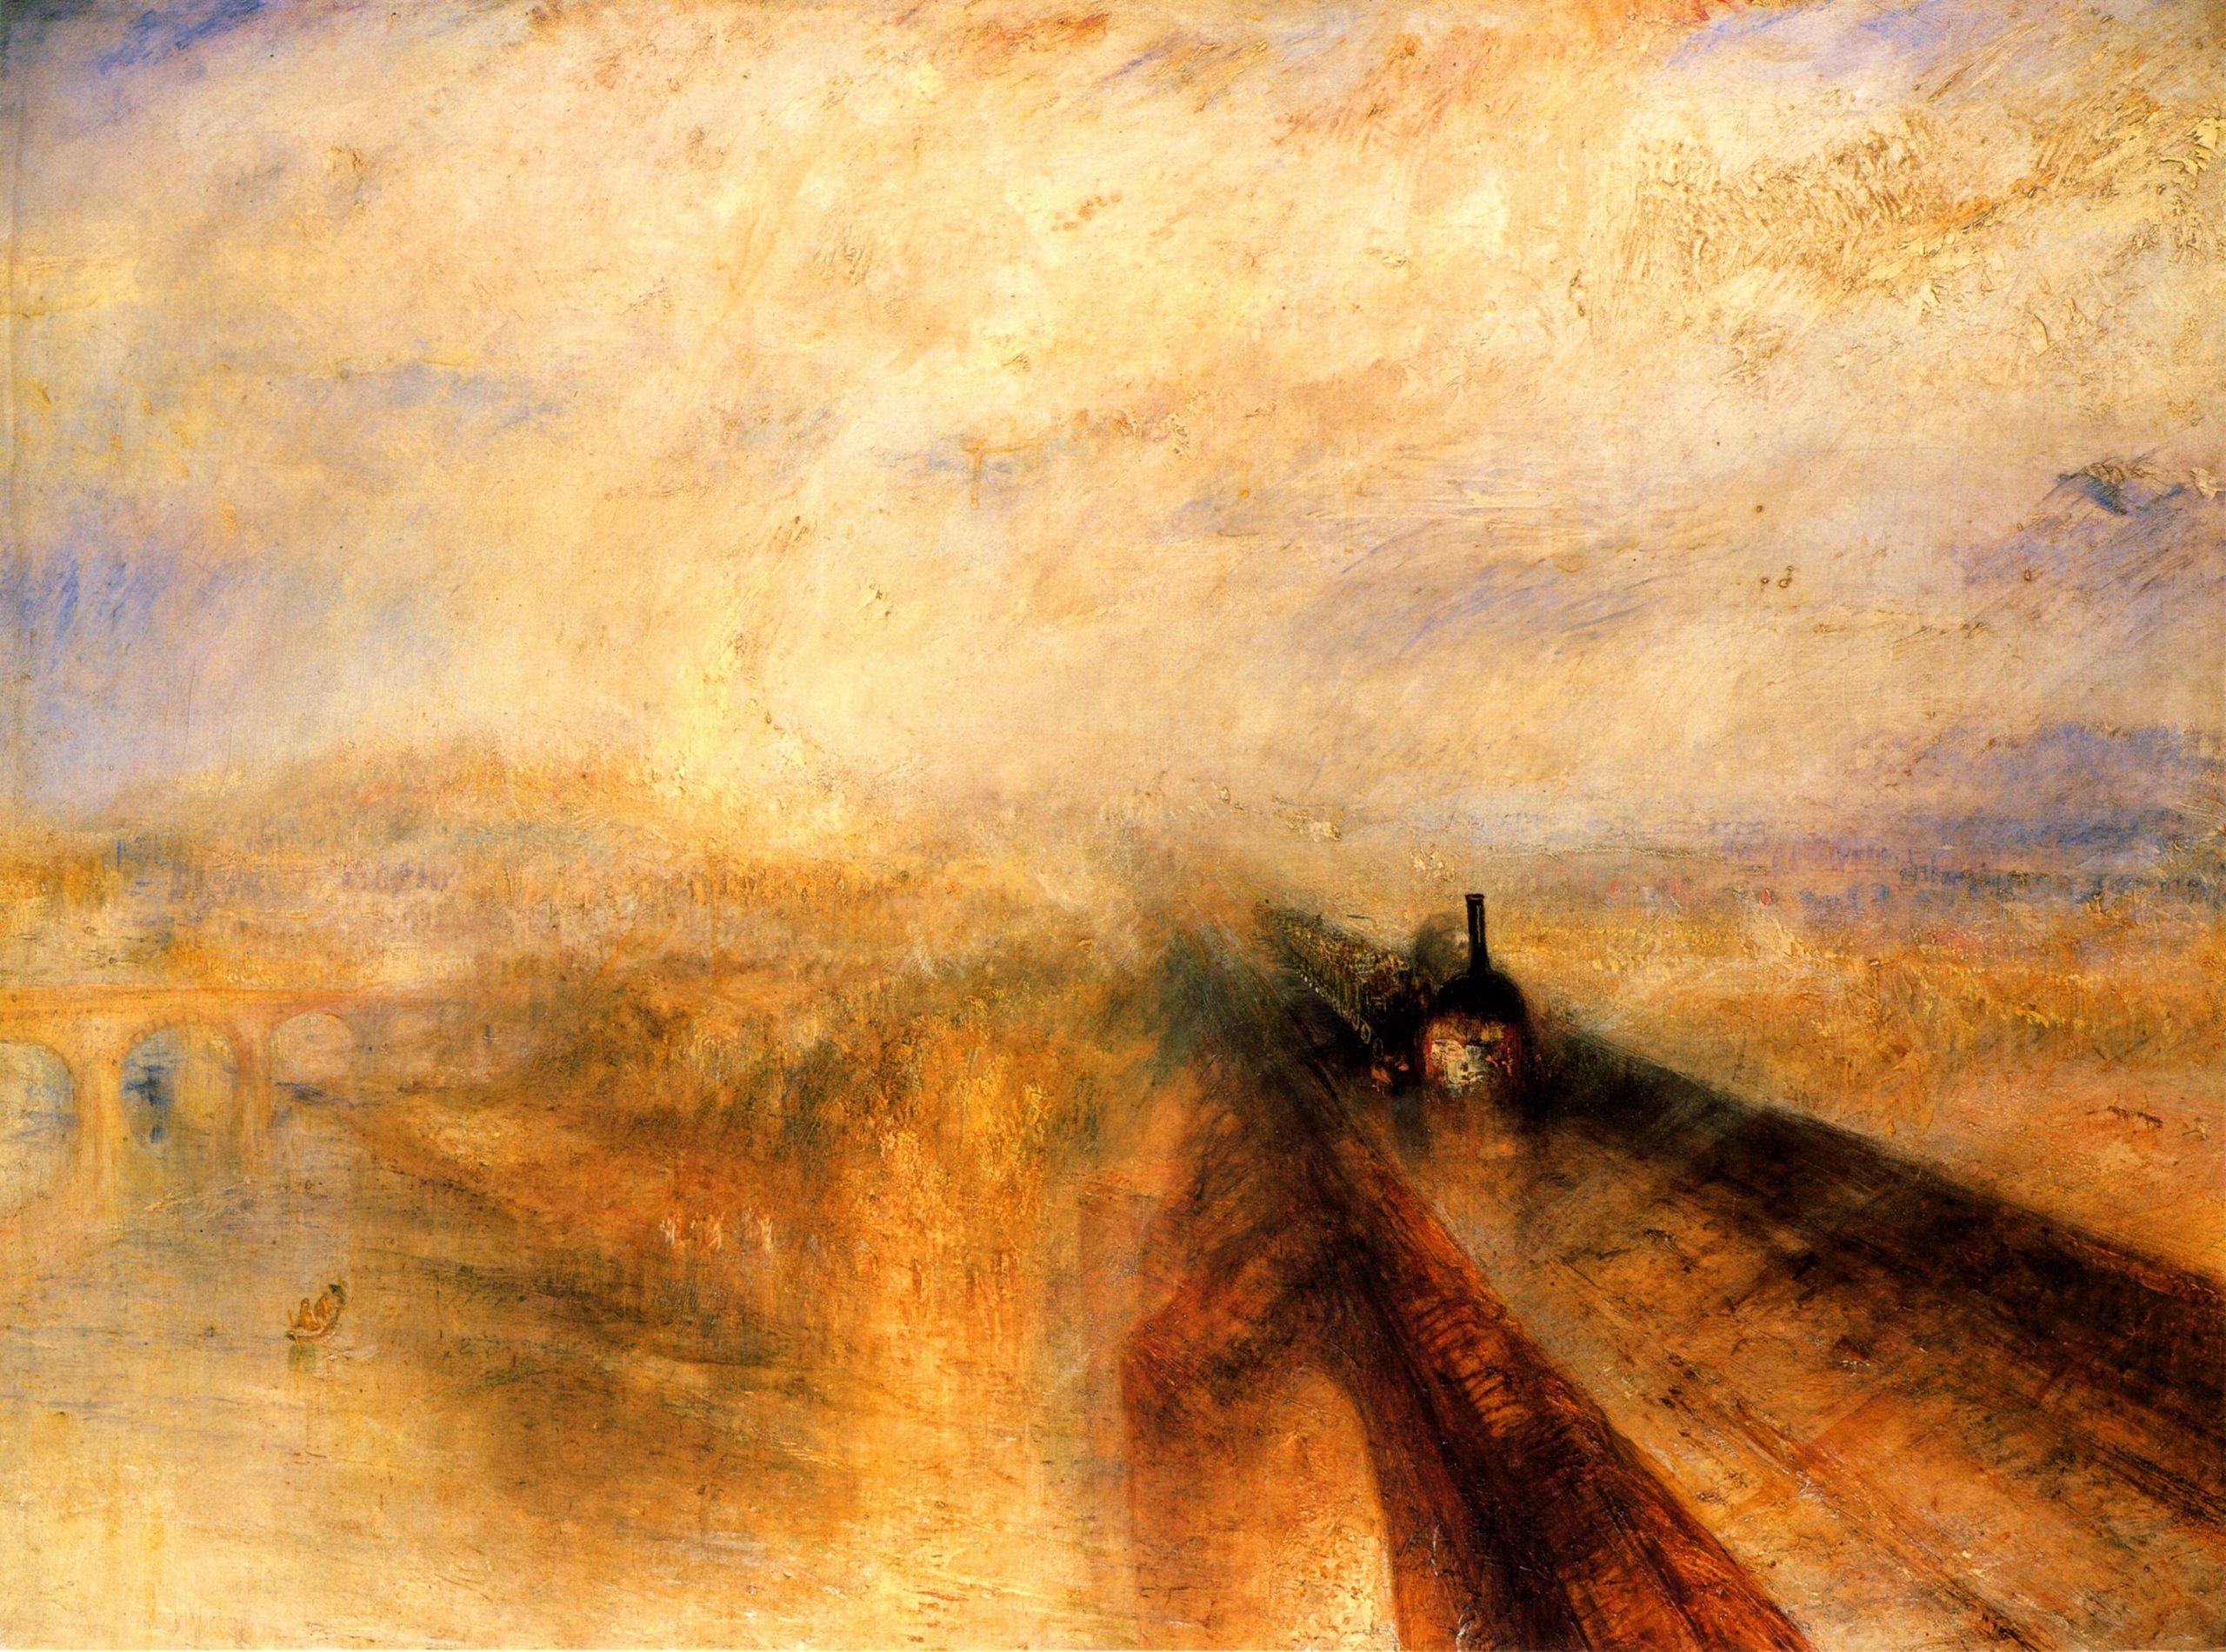 Lluvia, vapor y velocidad